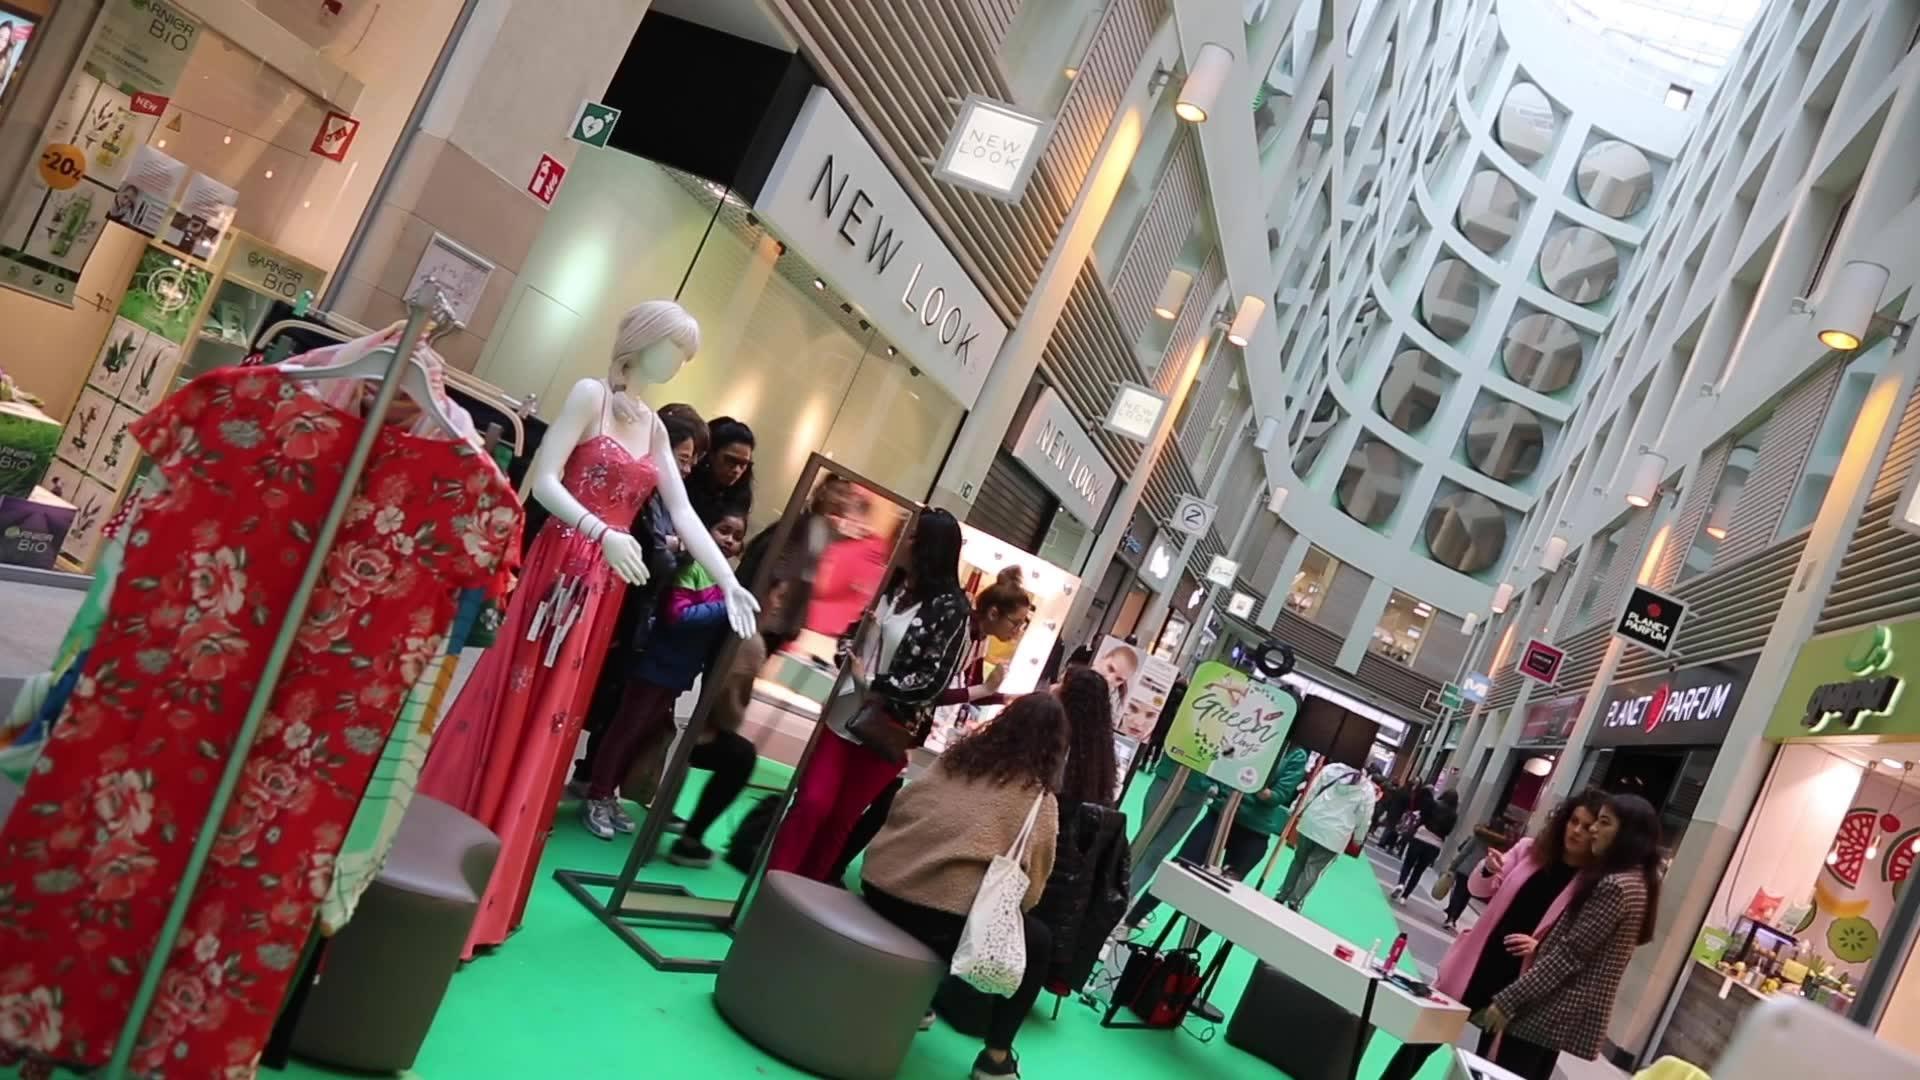 Revivez les meilleurs moments des Green Days de votre Anspach Shopping comme si vous y étiez ! D'ailleurs, vous y étiez ? 🍀